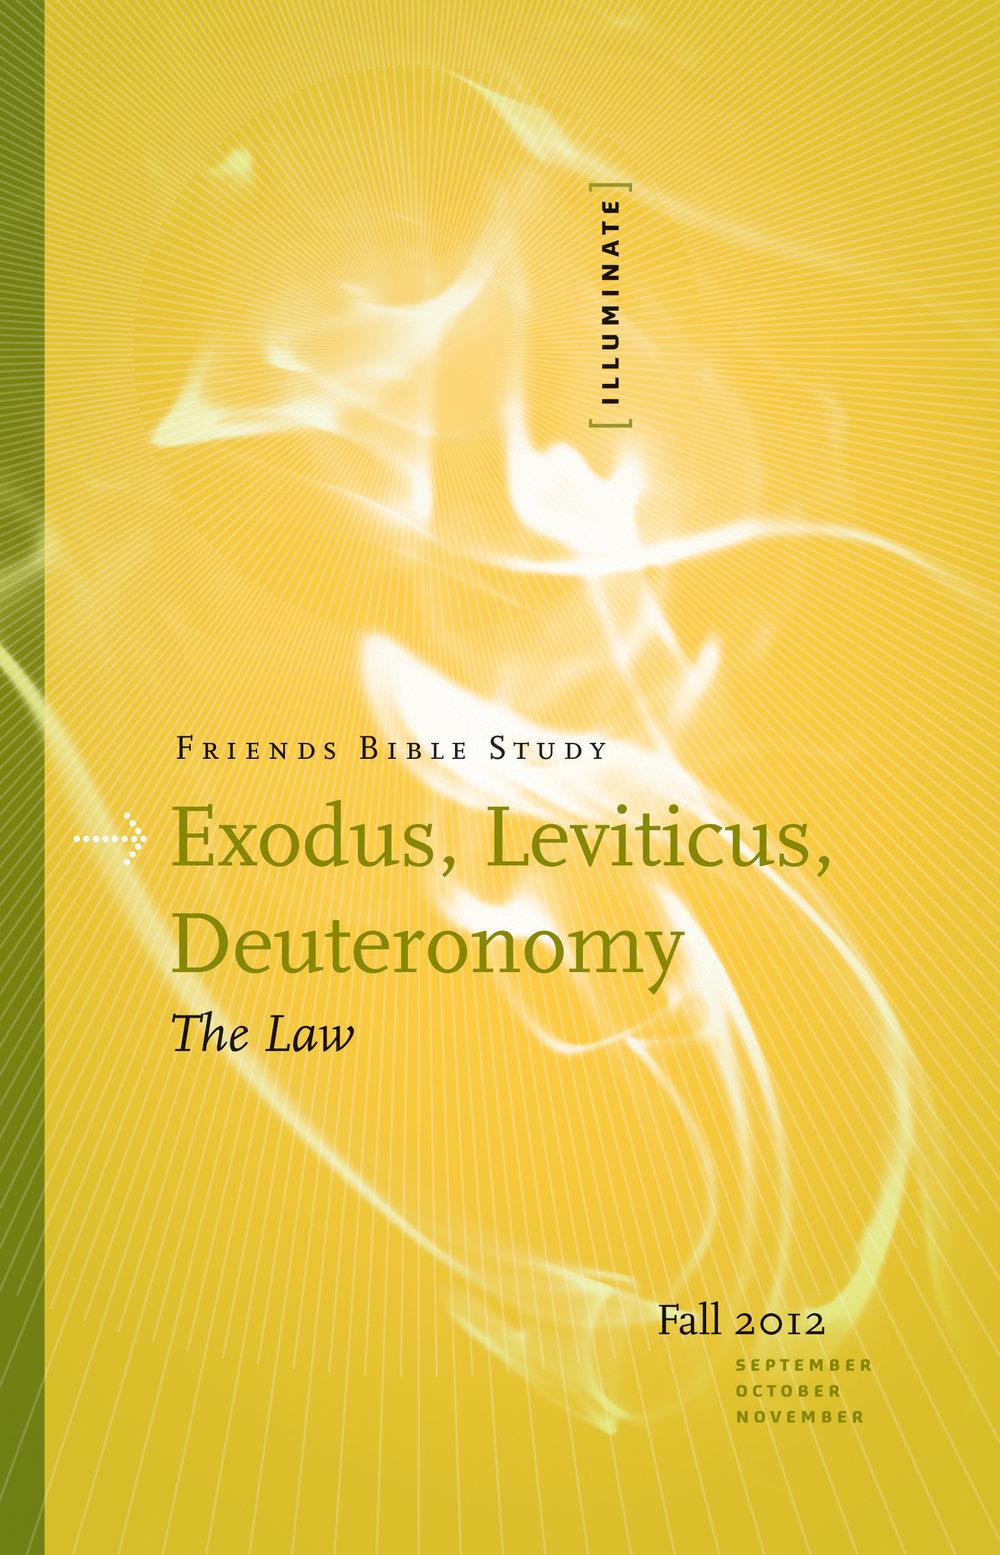 Exodus, Leviticus, Deuteronomy